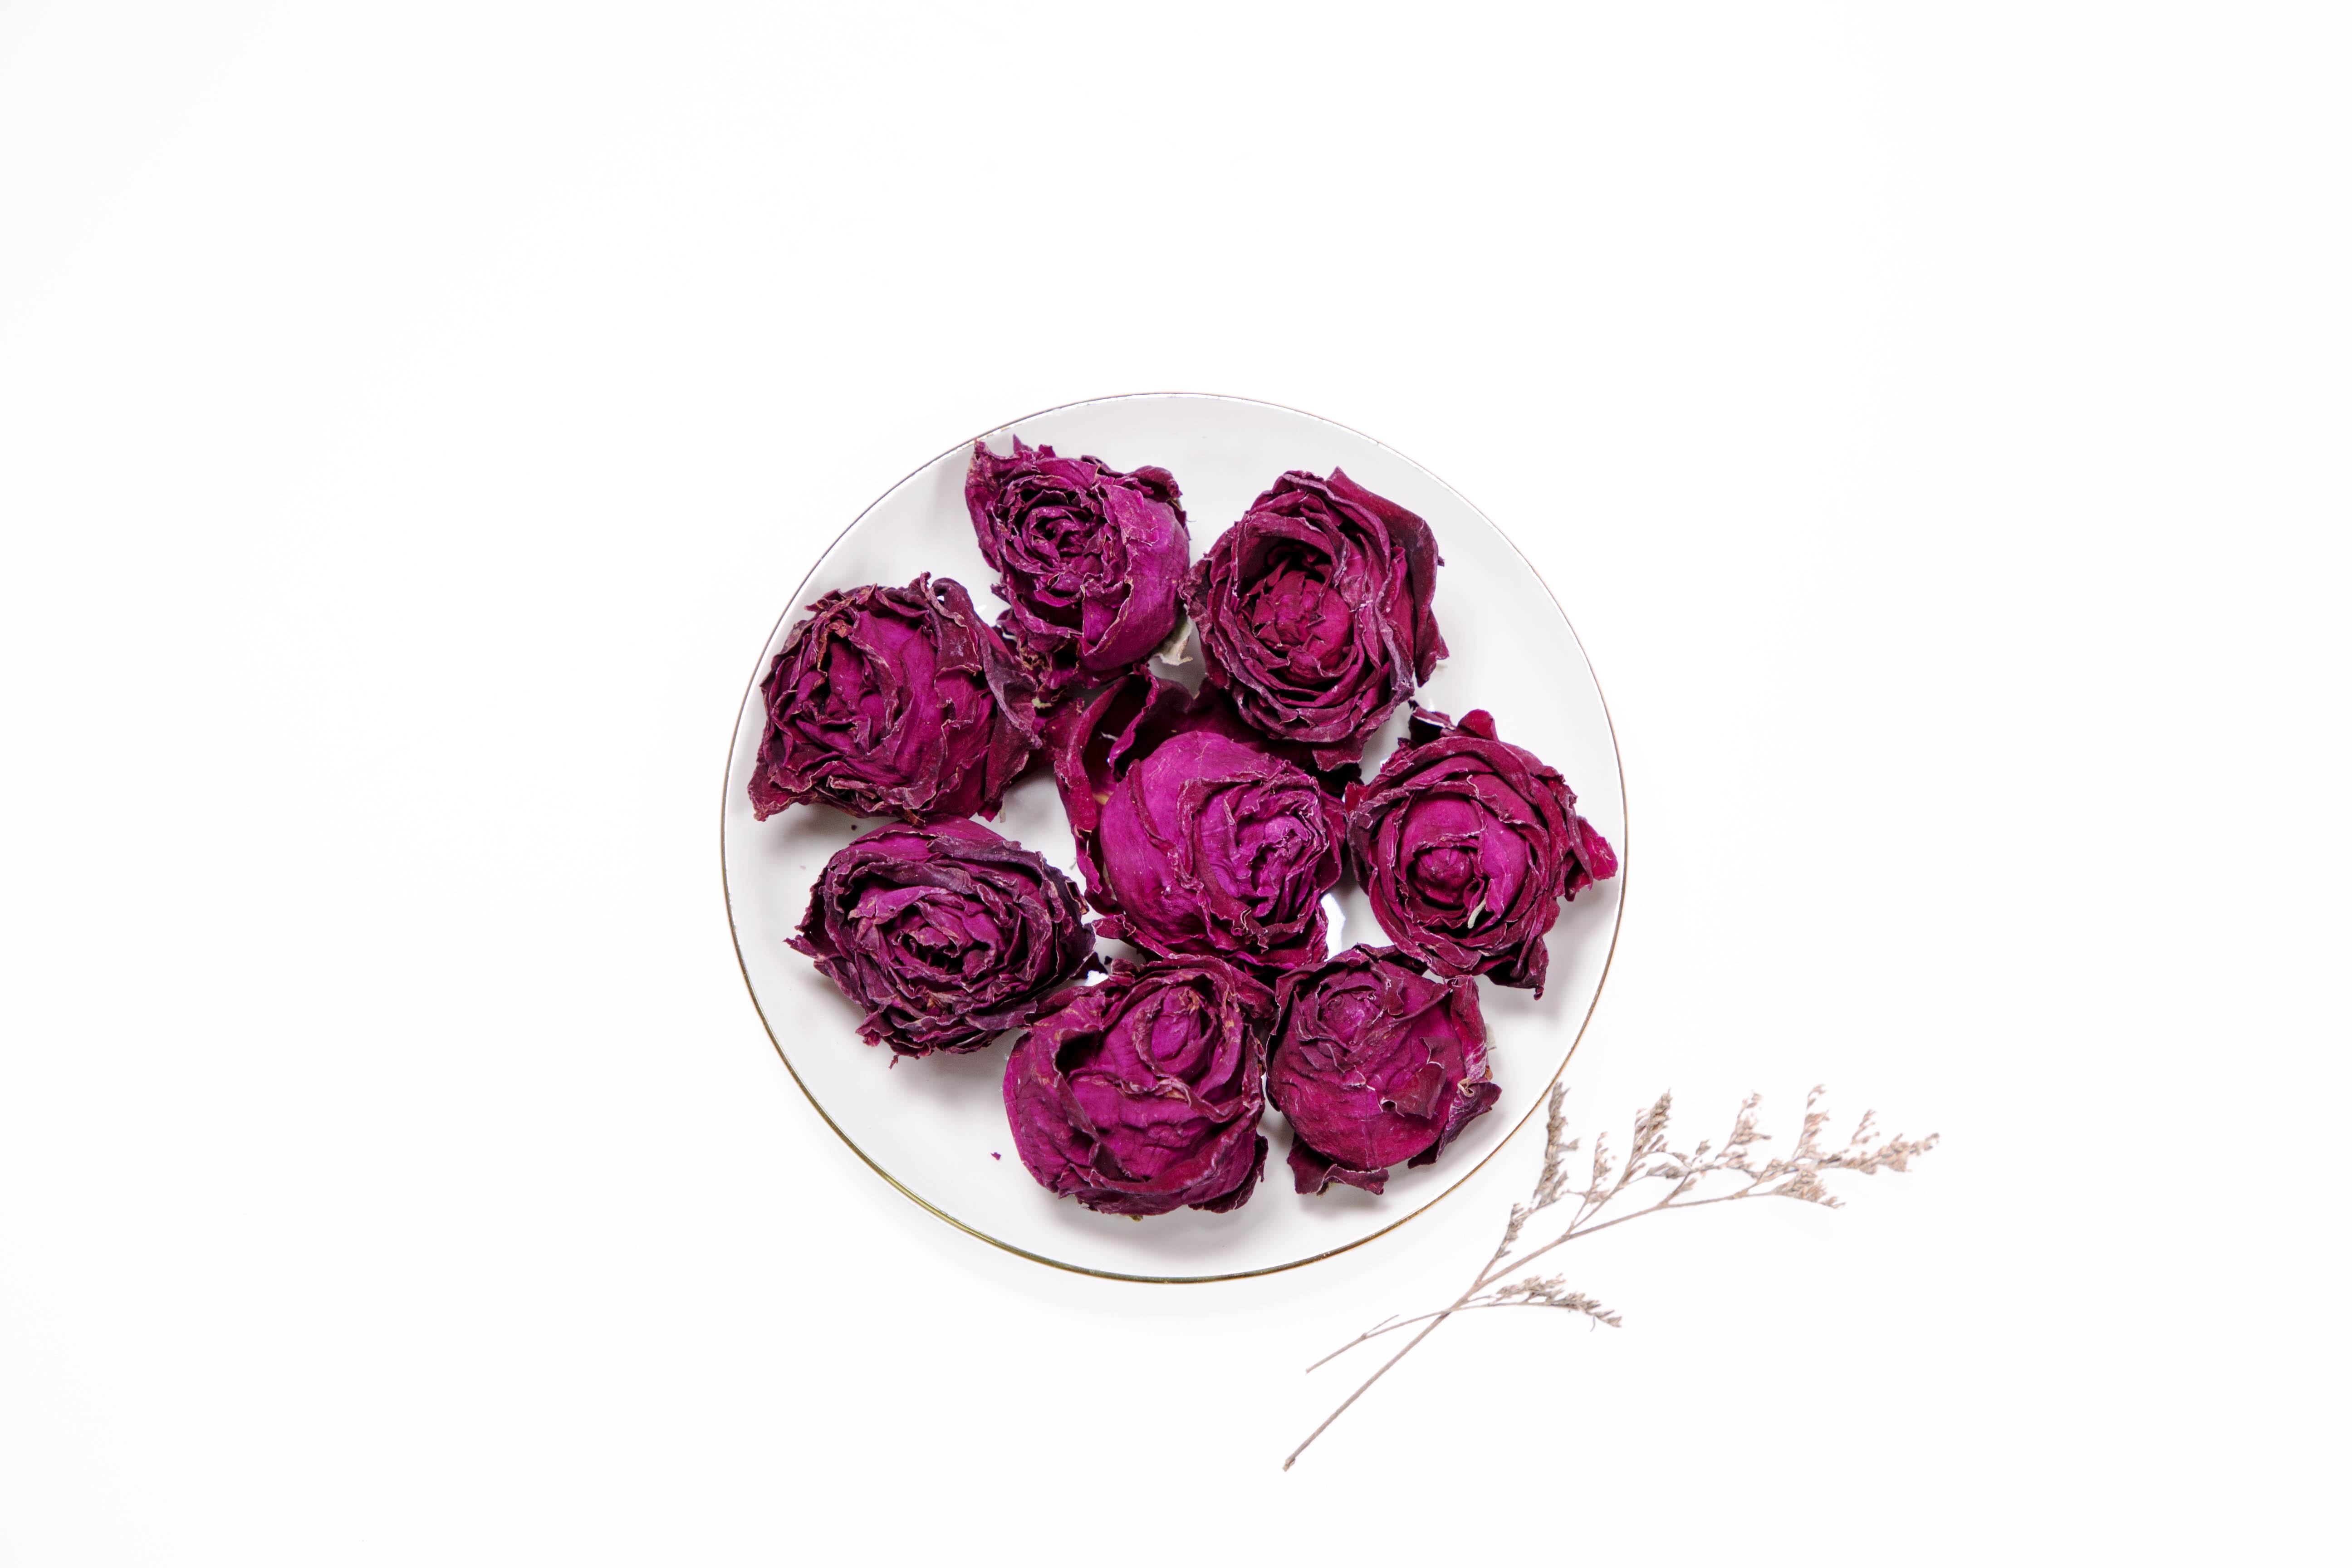 重瓣红玫瑰花朵 FY-MD105